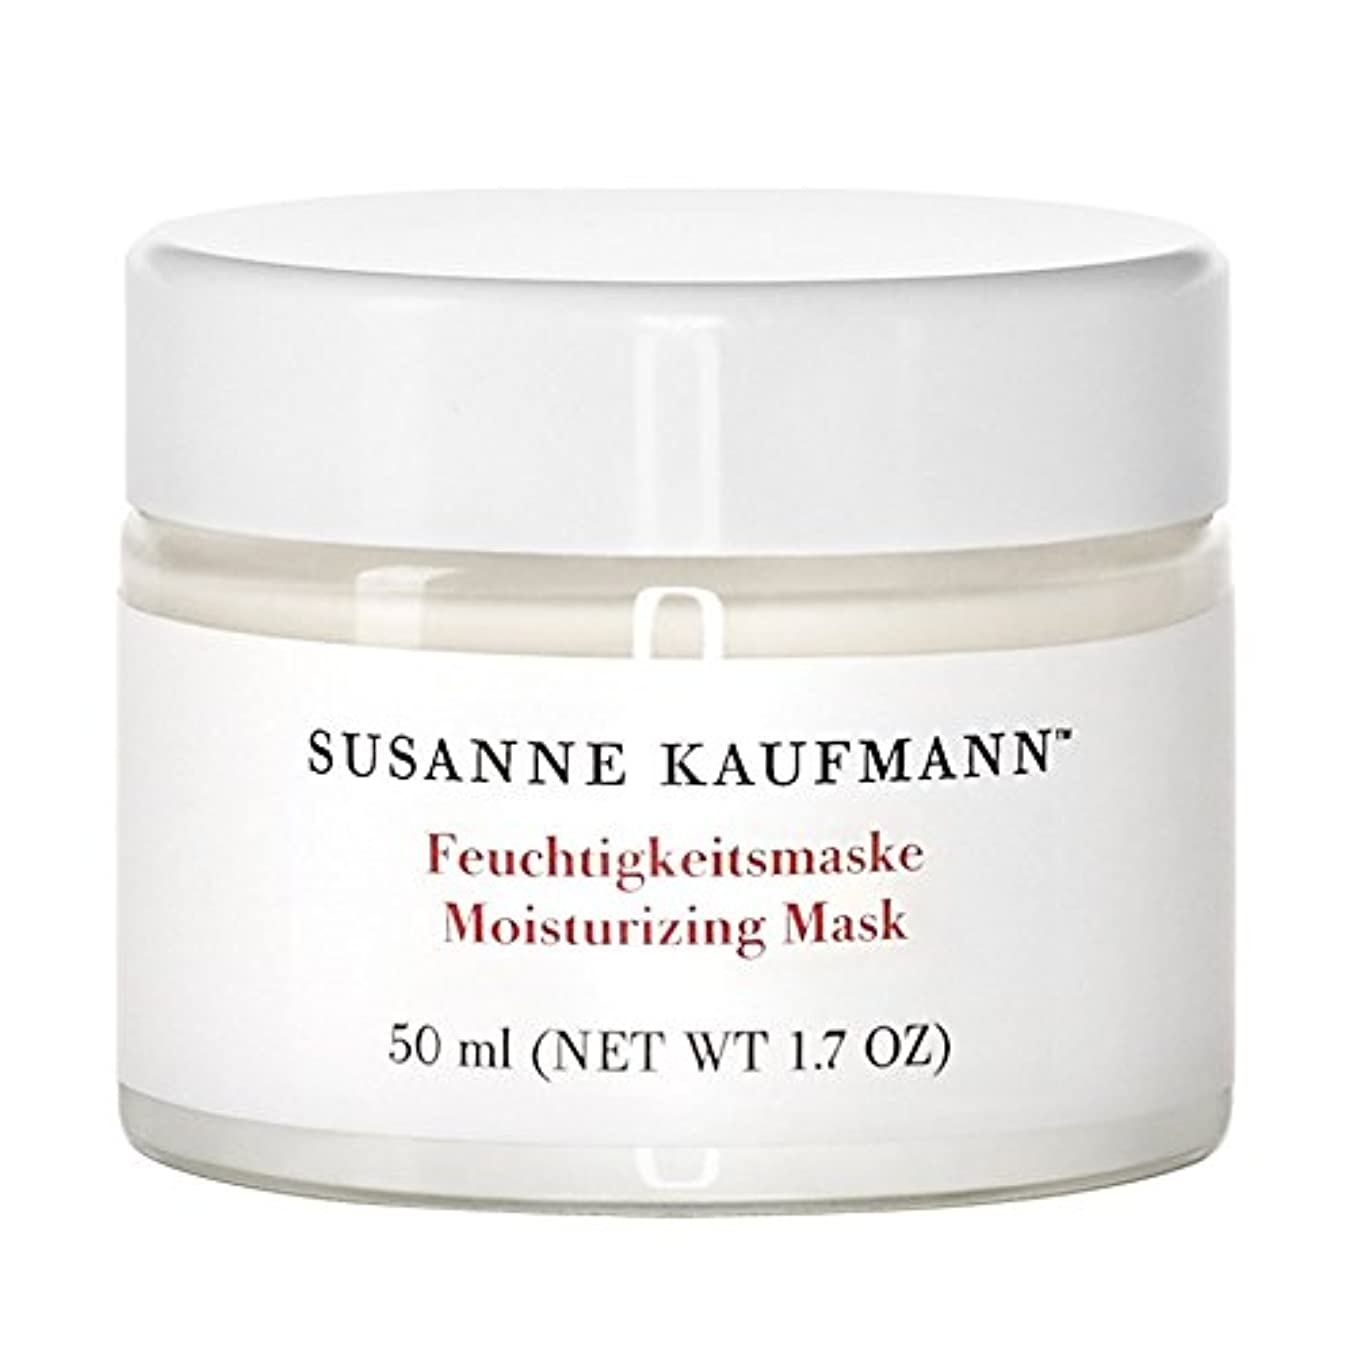 ヒューマニスティック許可後ろにスザンヌカウフマン保湿マスク50ミリリットル x4 - Susanne Kaufmann Moisturising Mask 50ml (Pack of 4) [並行輸入品]